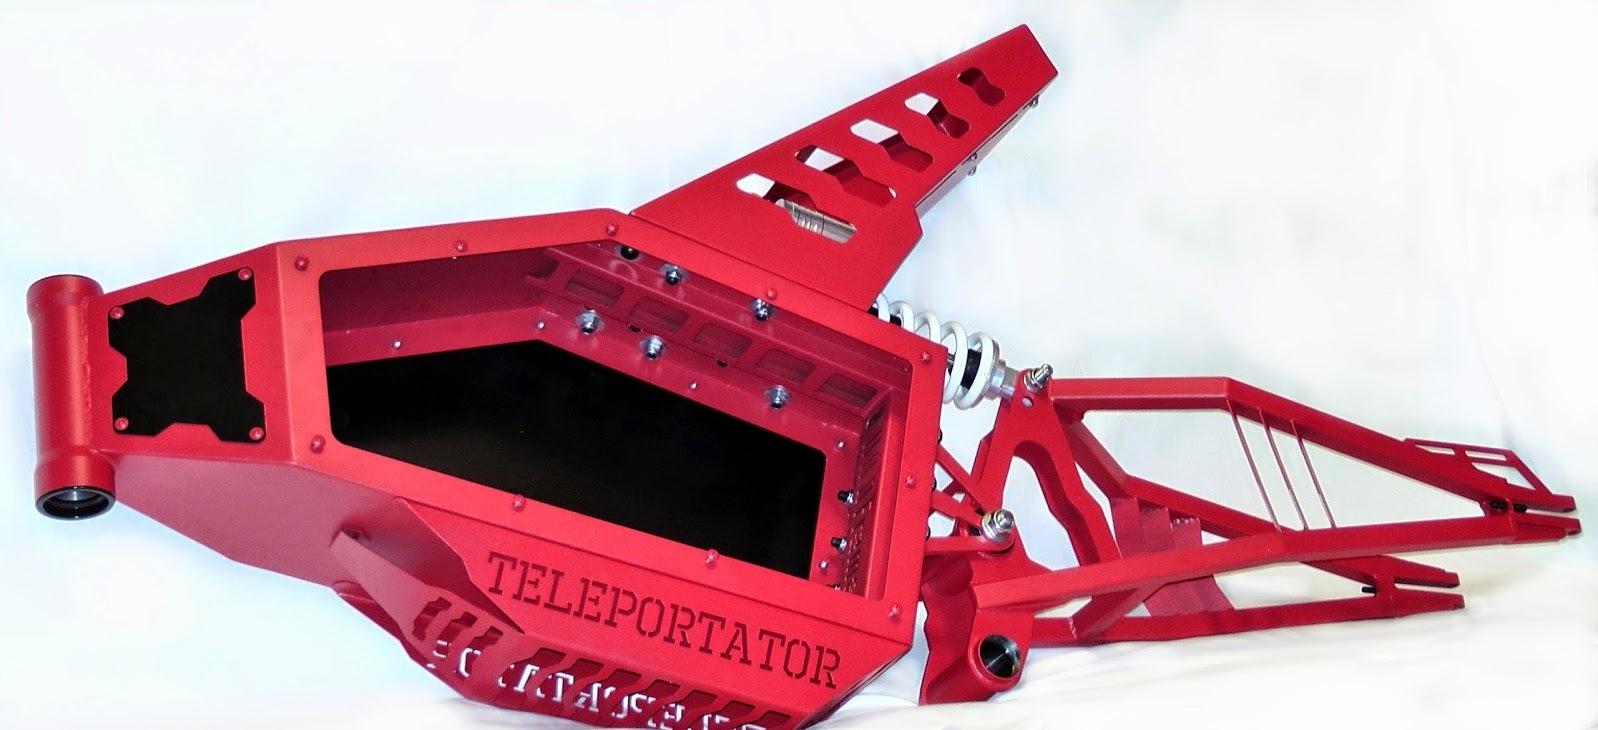 Телепортатор Медиум - рама для Электровелосипеда